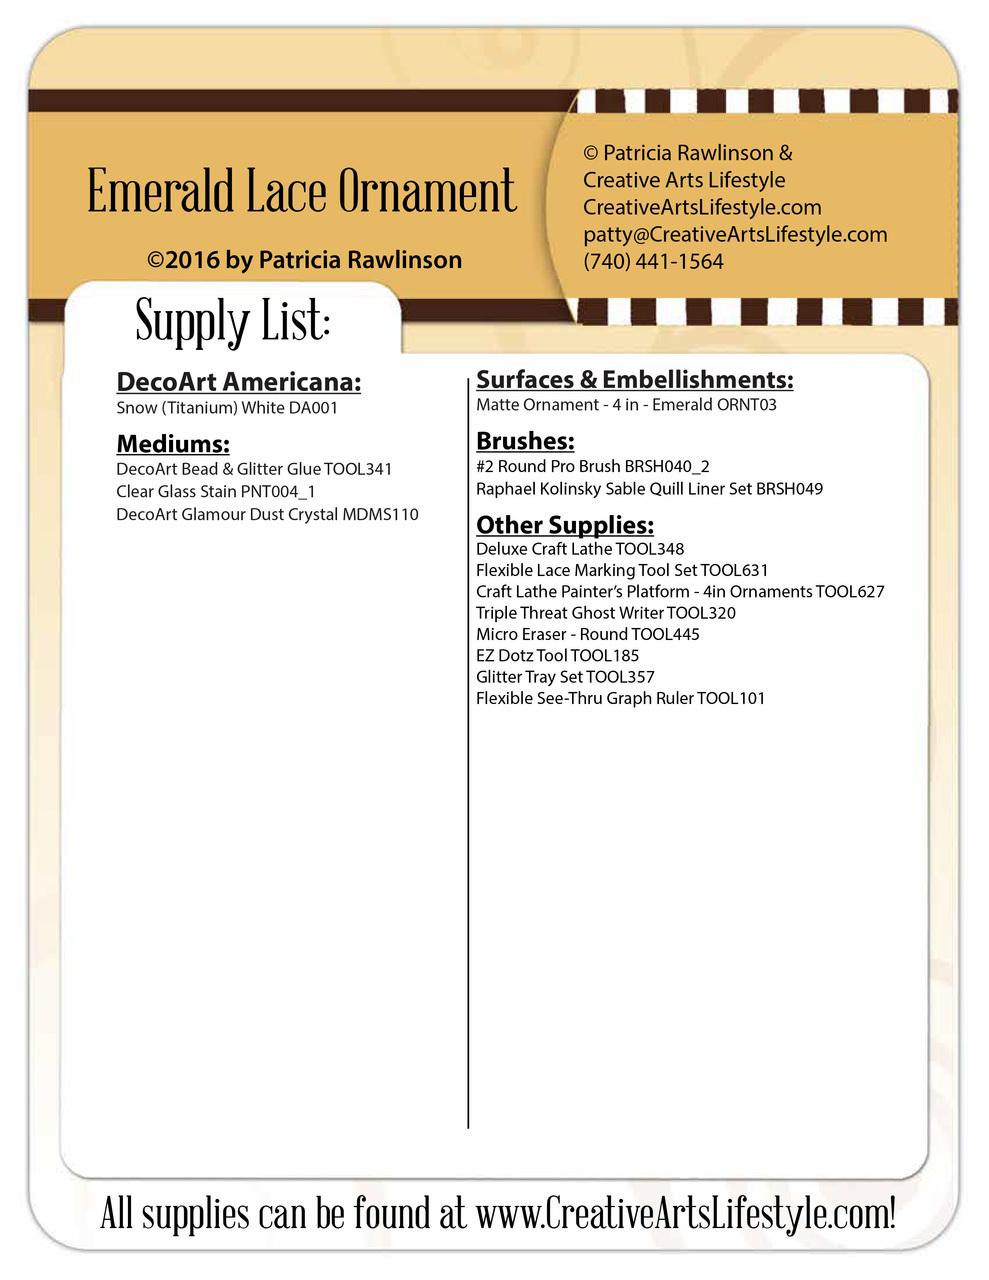 Emerald Lace Ornament - E-Packet - Patricia Rawlinson